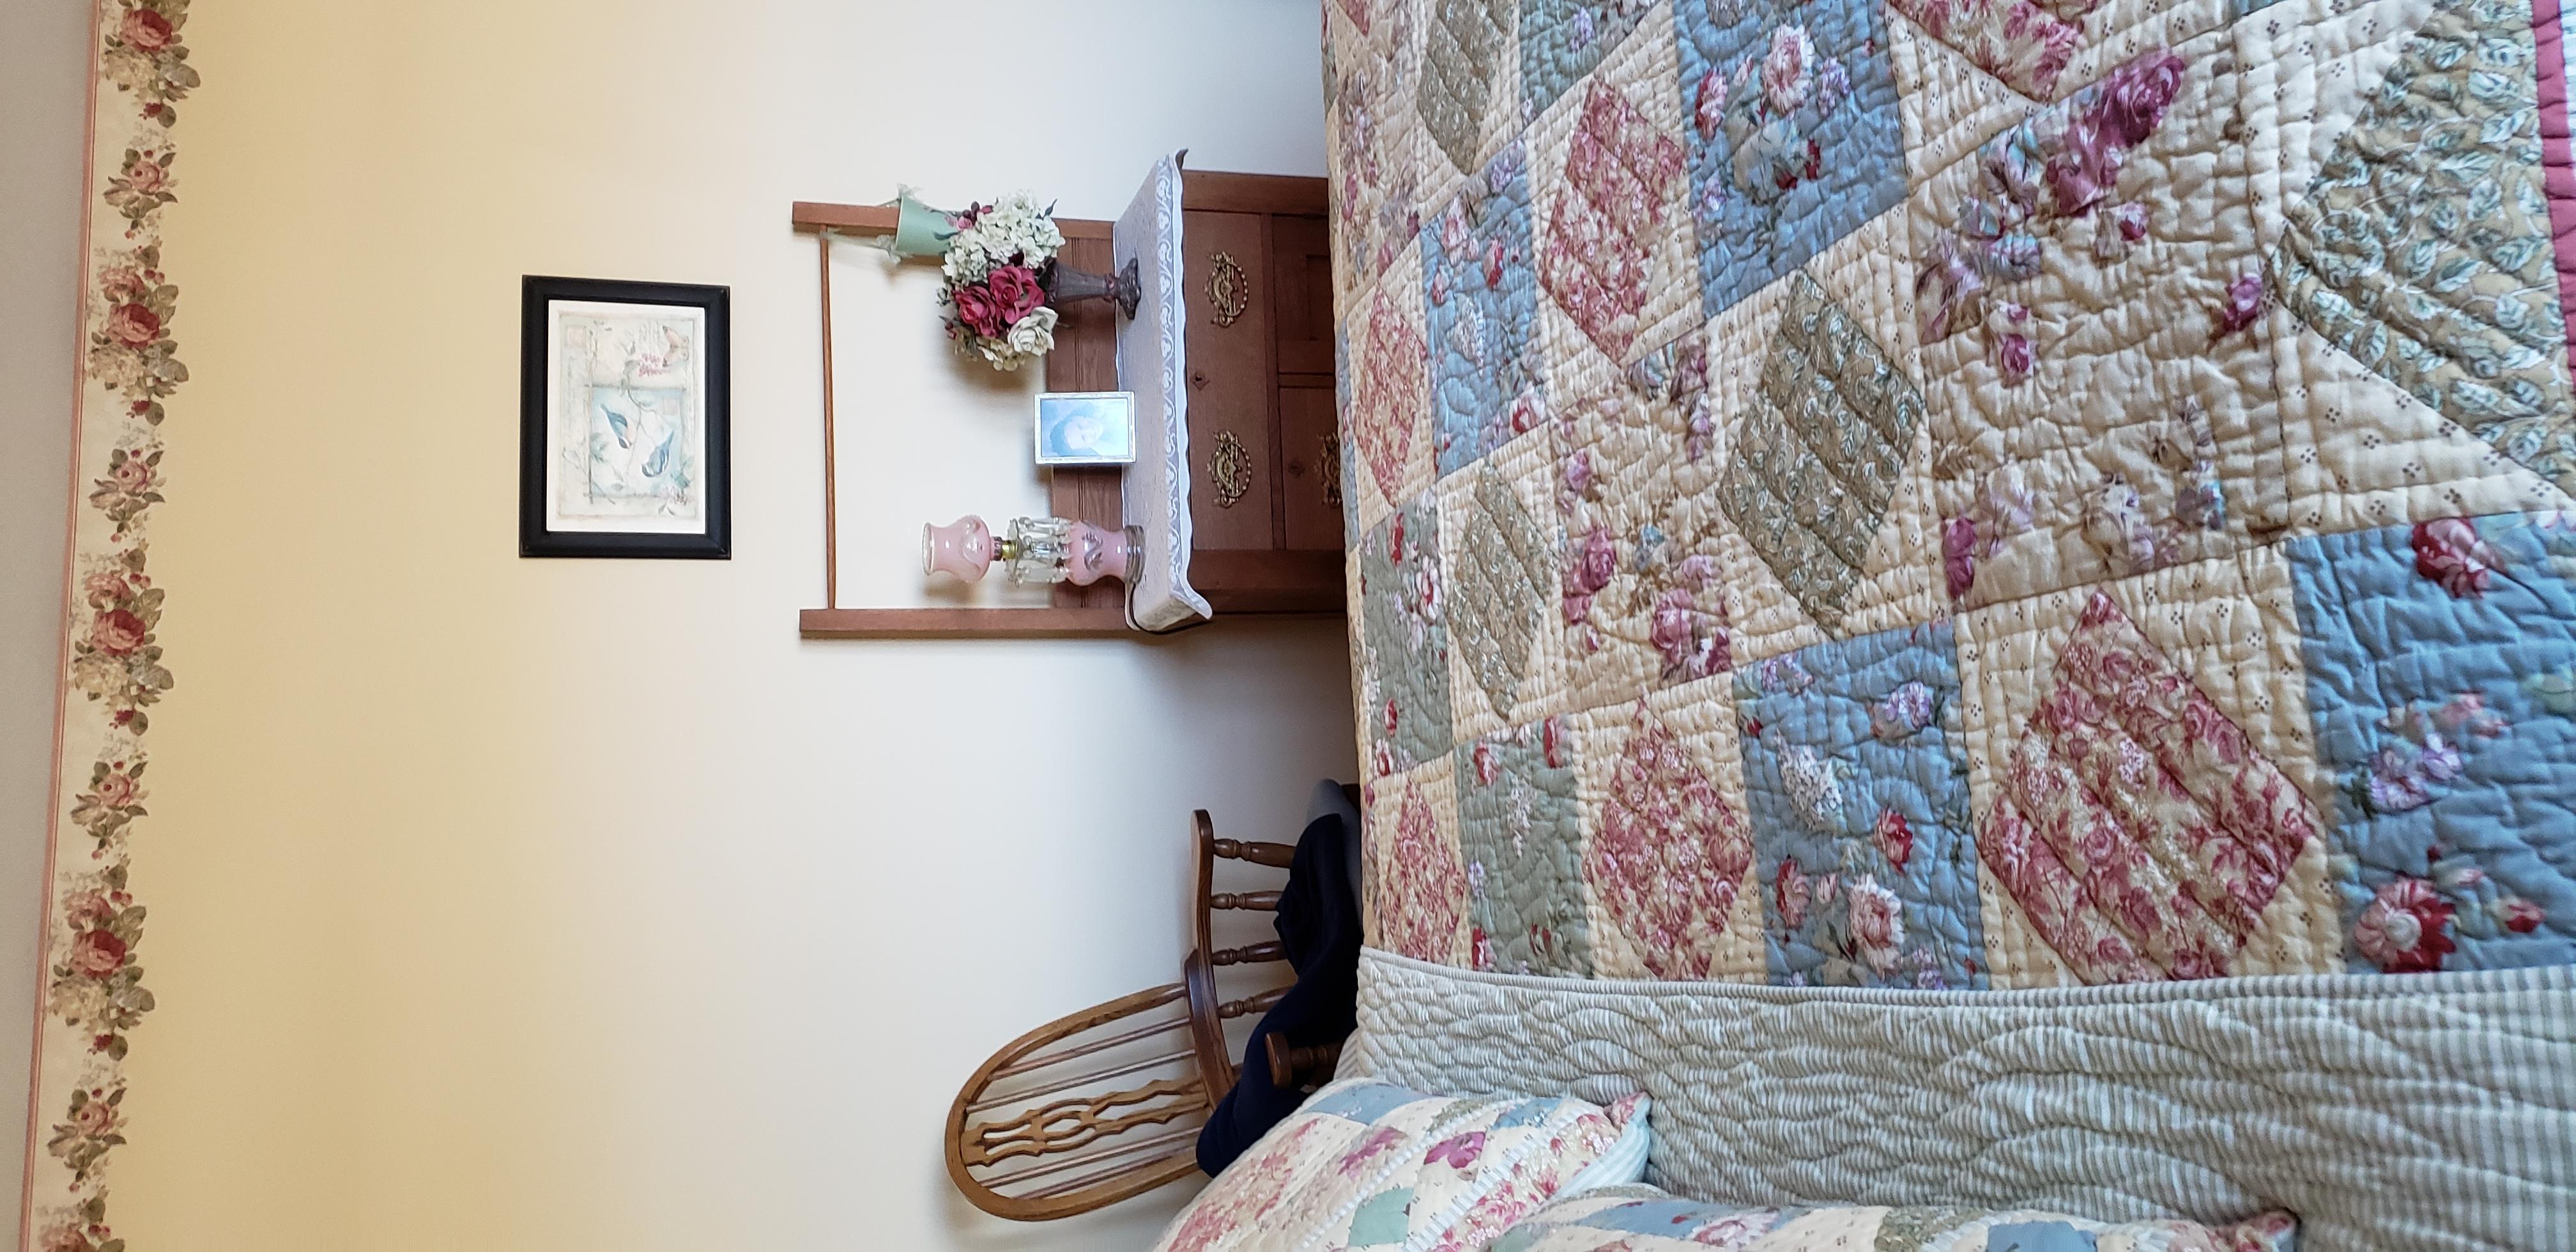 2058 HIllside Ave Mondamin bedroom8(1)